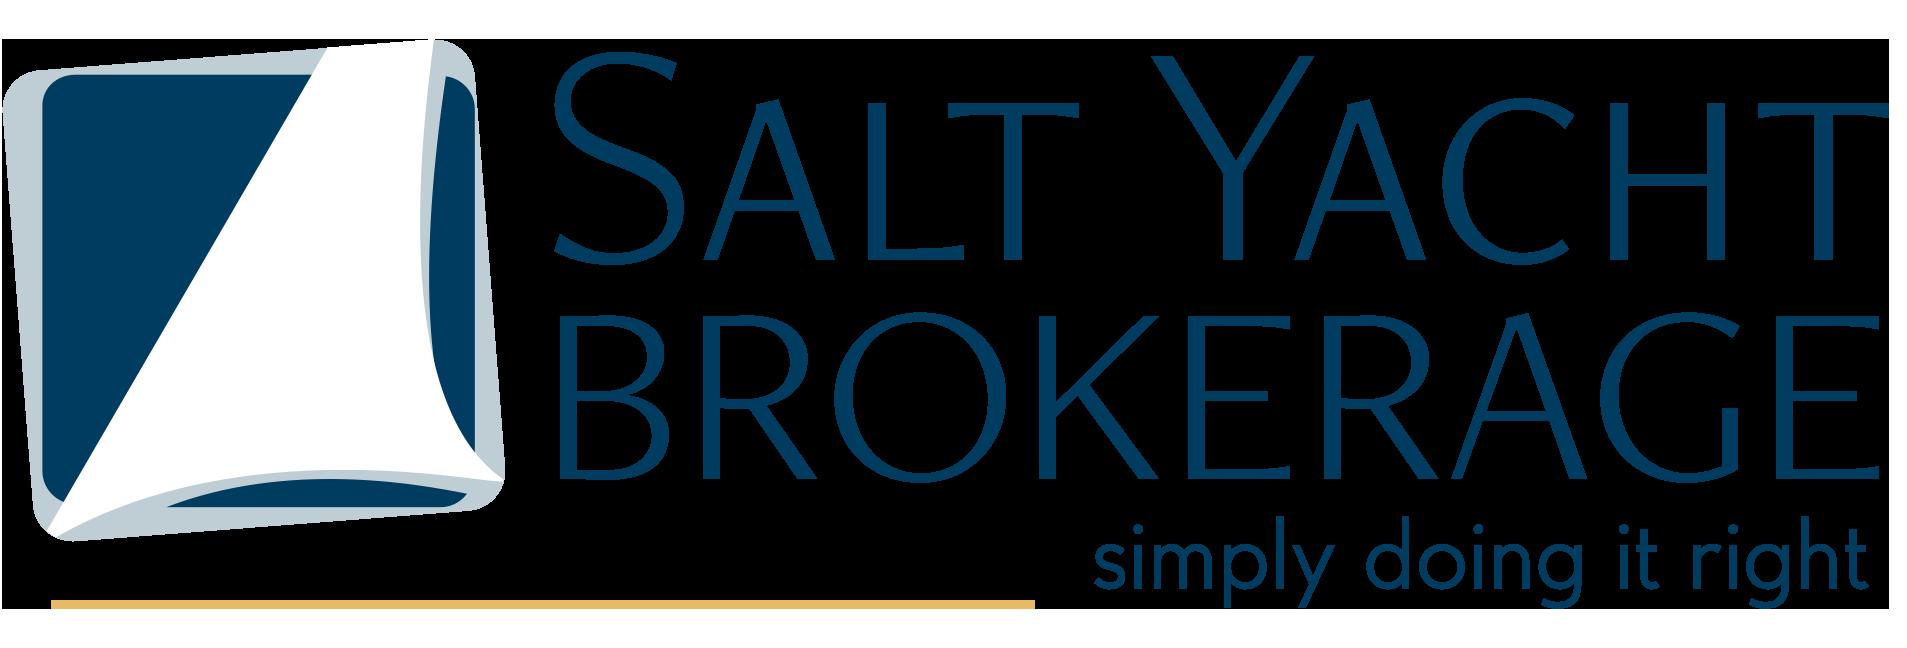 saltyachts.com logo